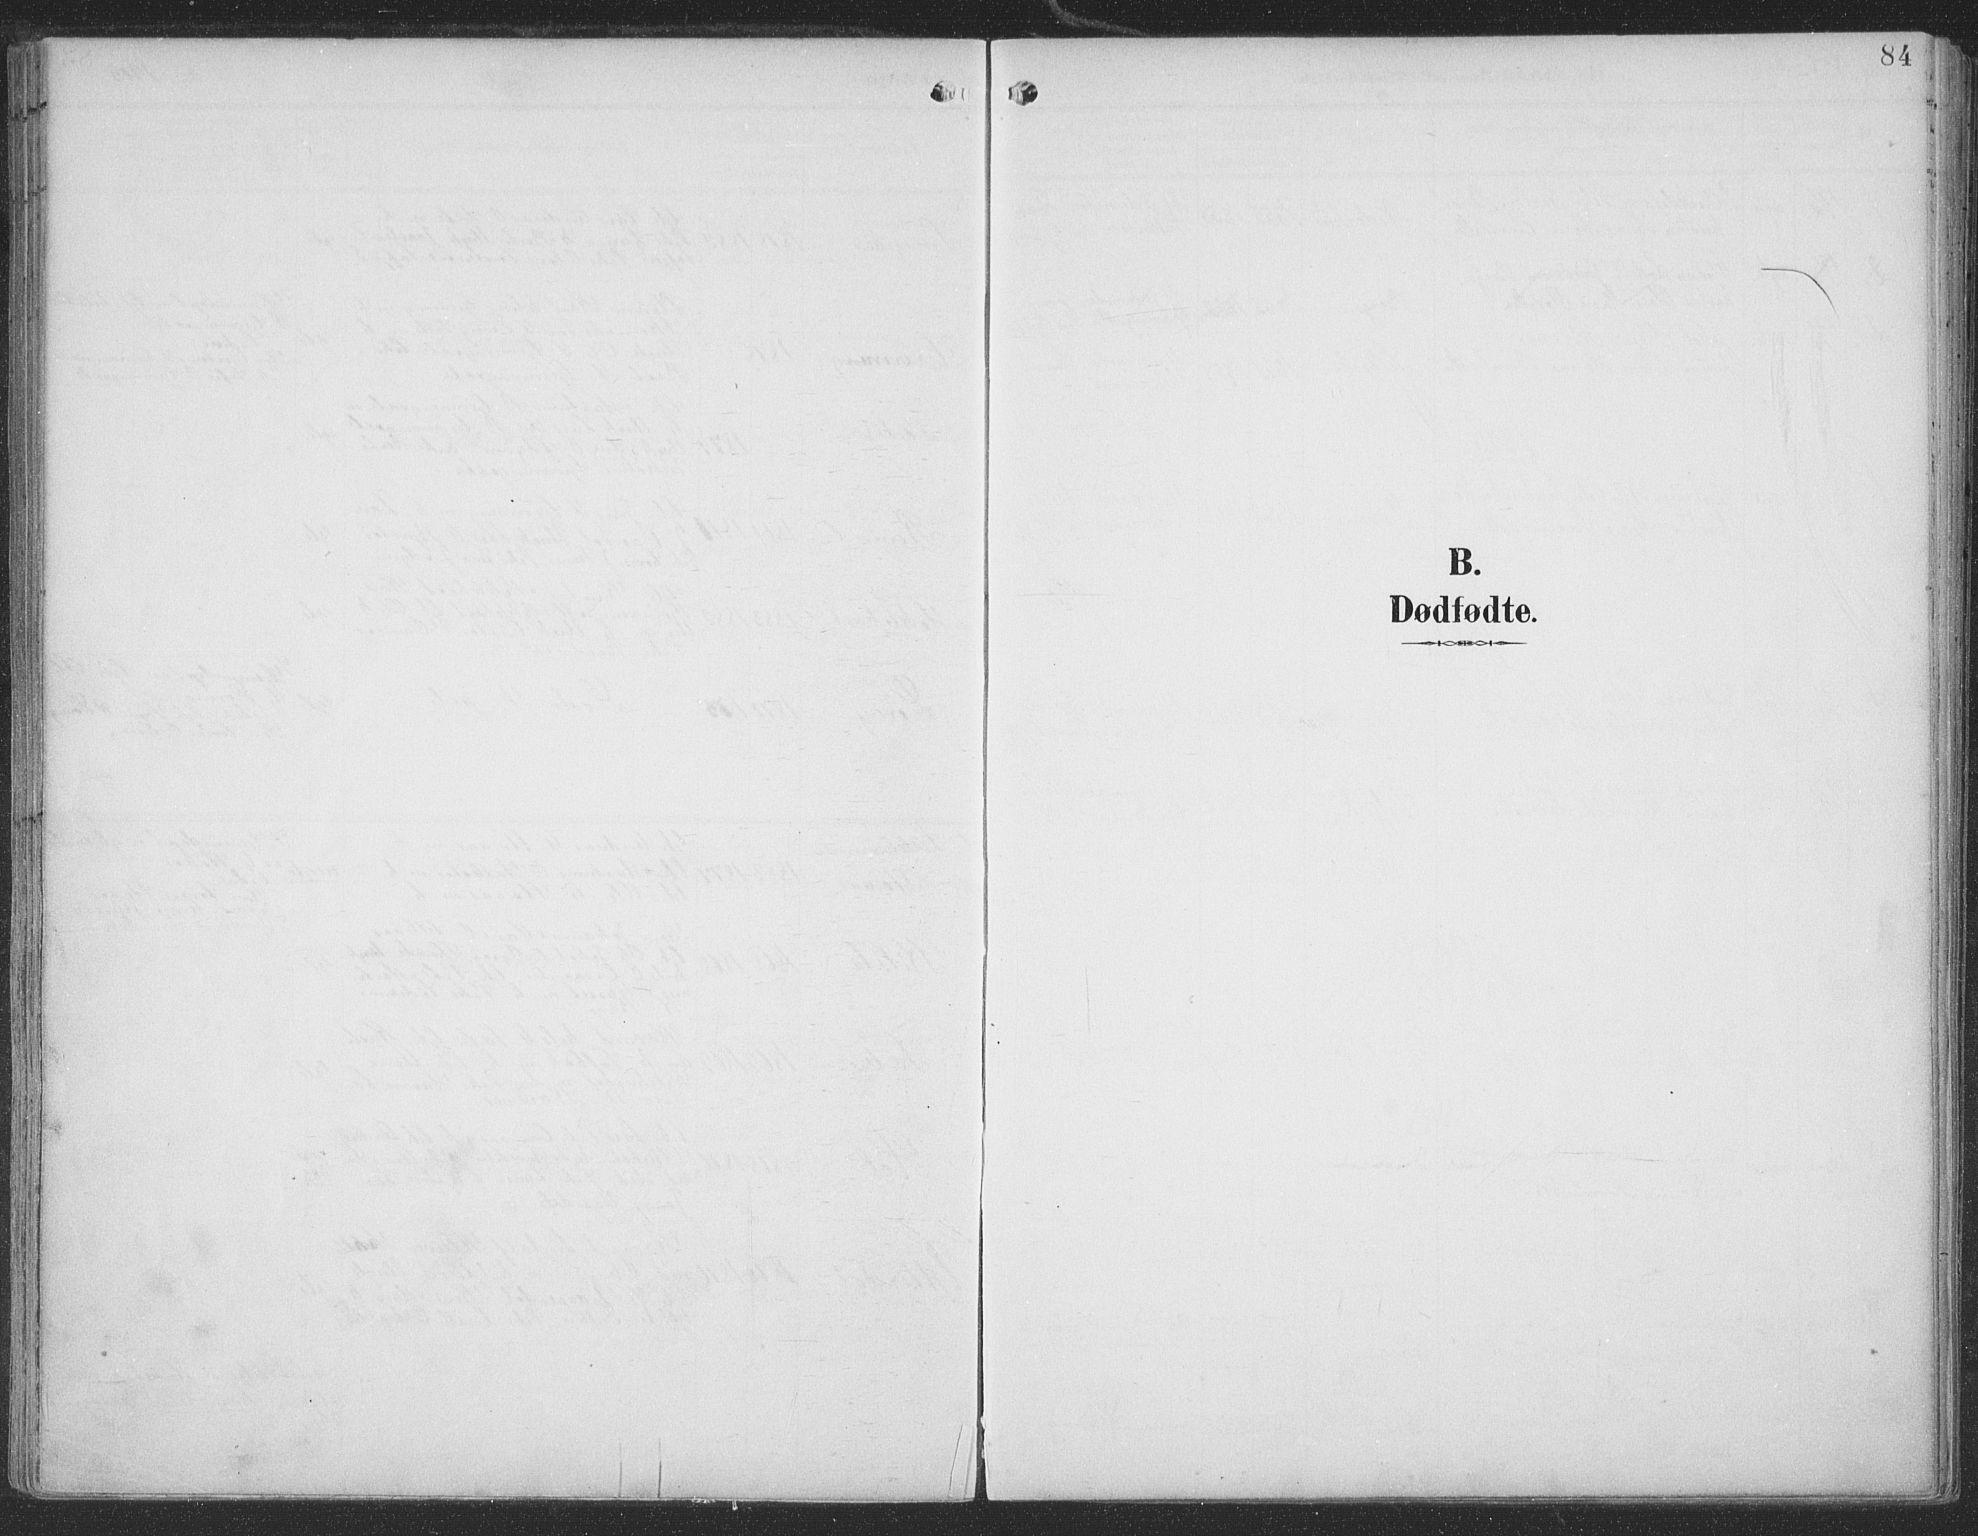 SAT, Ministerialprotokoller, klokkerbøker og fødselsregistre - Møre og Romsdal, 519/L0256: Ministerialbok nr. 519A15, 1895-1912, s. 84